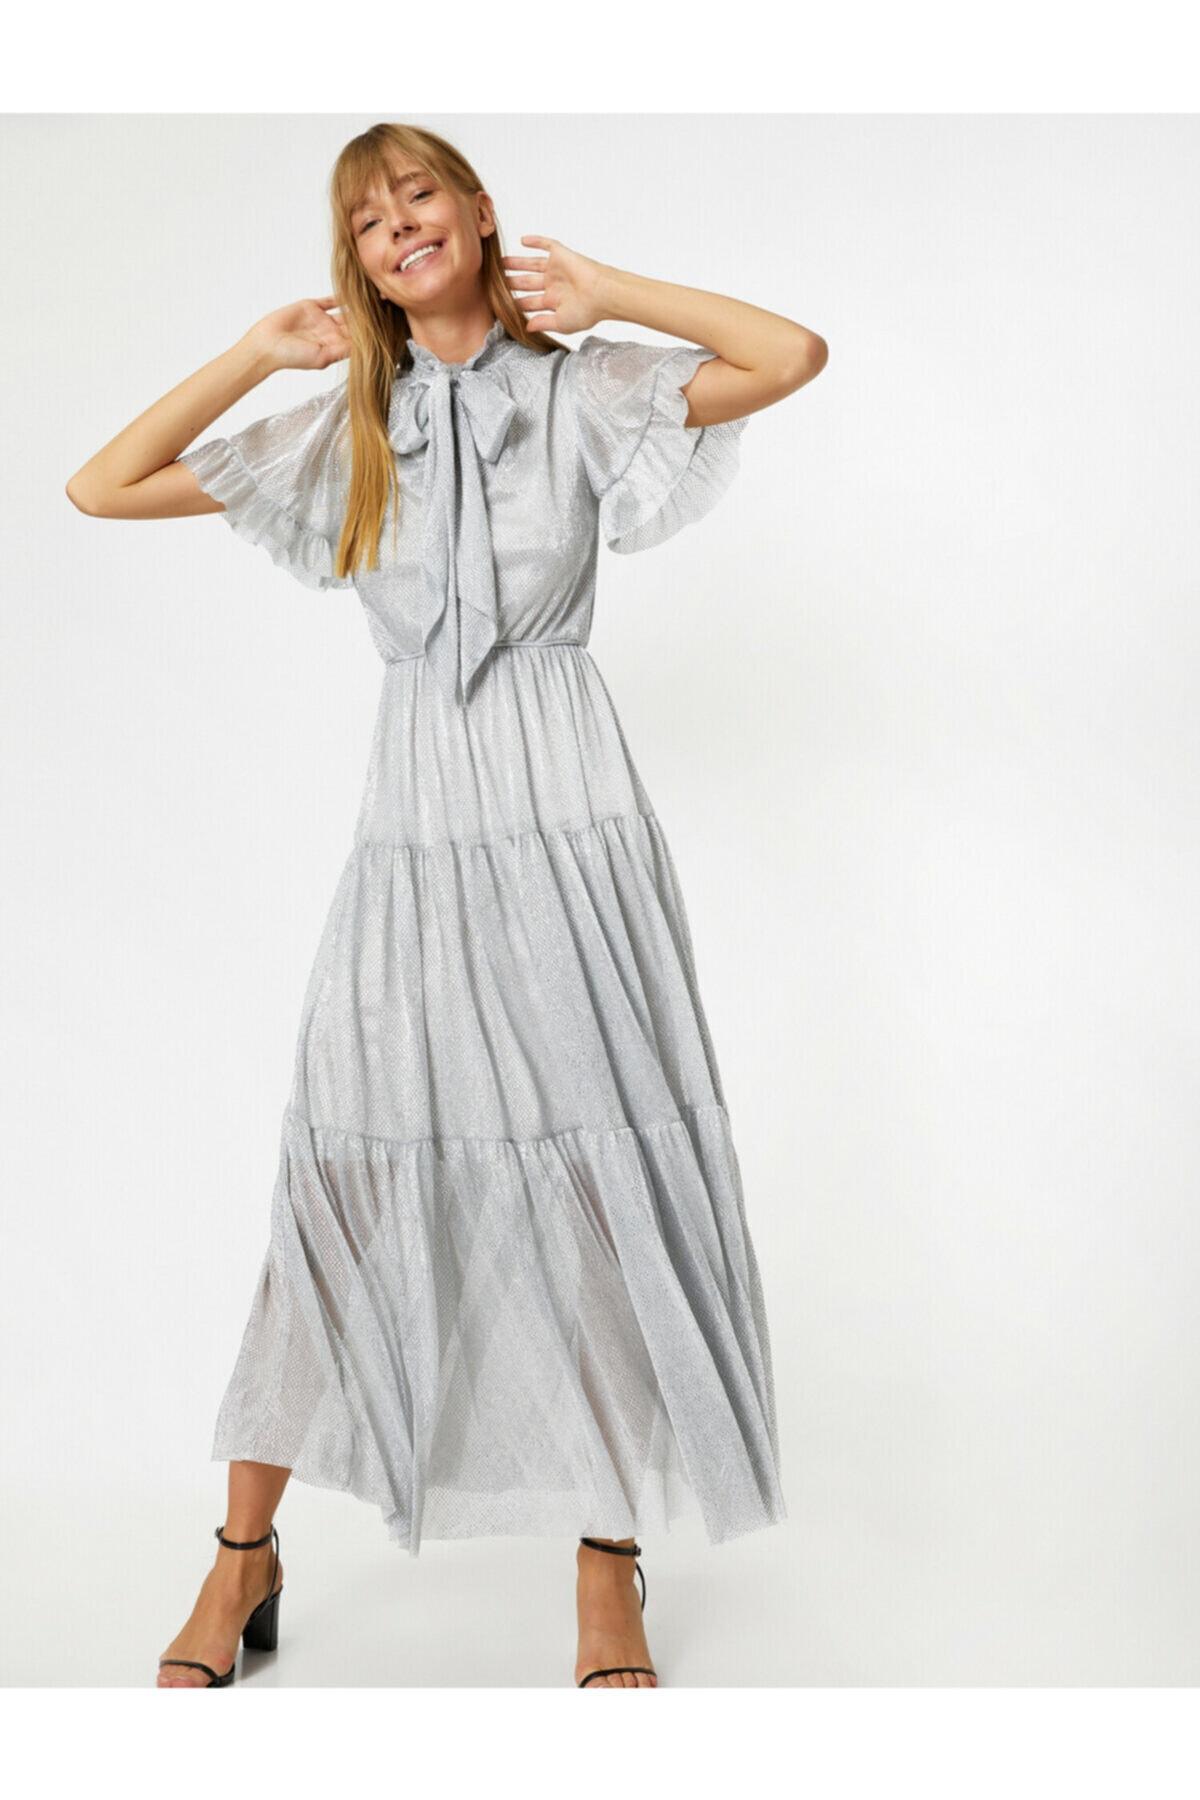 لباس مجلسی زنانه قیمت مناسب برند کوتون رنگ نقره ای کد ty36403227